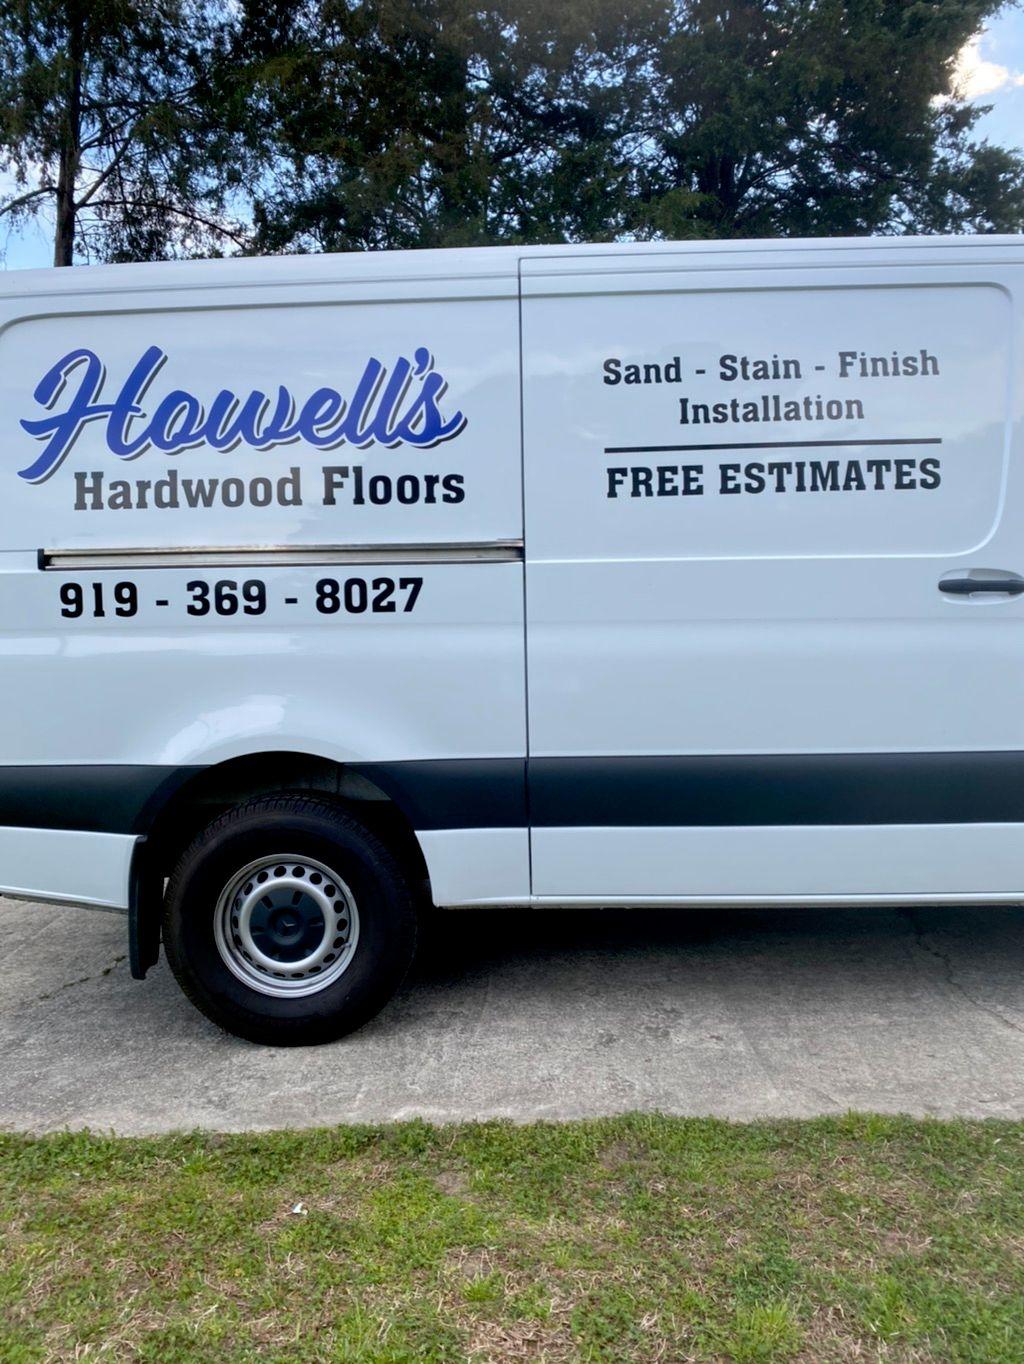 Howells Hardwood Floors